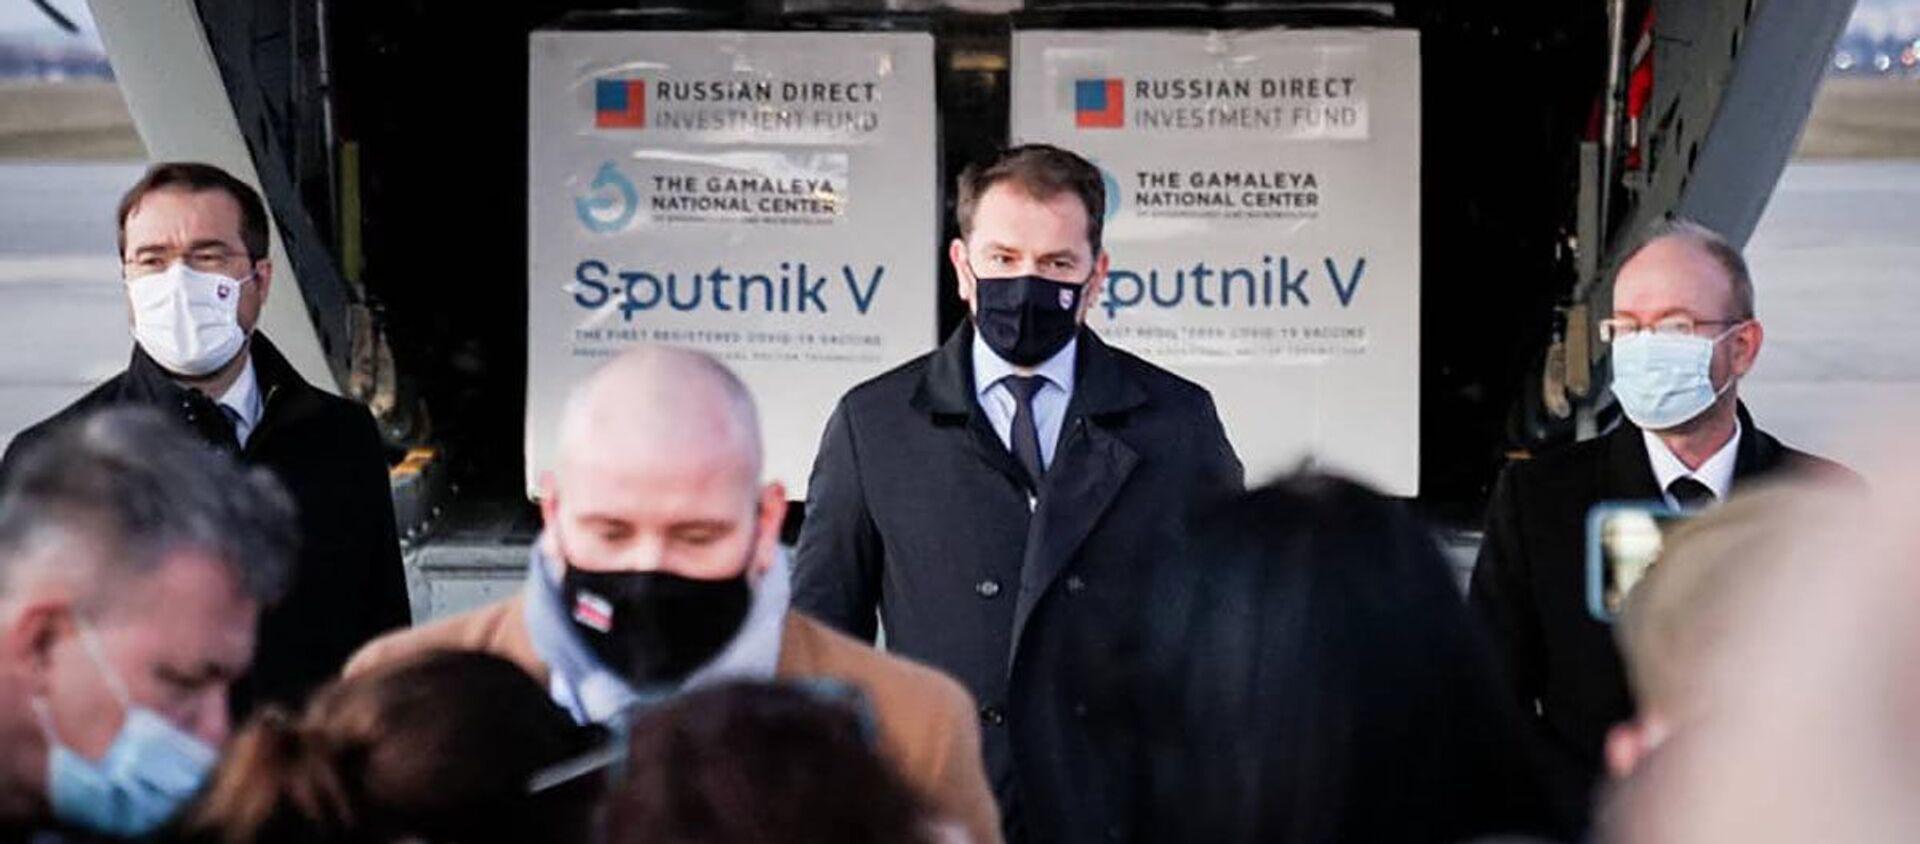 Premiér Matovič během tiskové konference na letišti v Košicích - Sputnik Česká republika, 1920, 01.03.2021